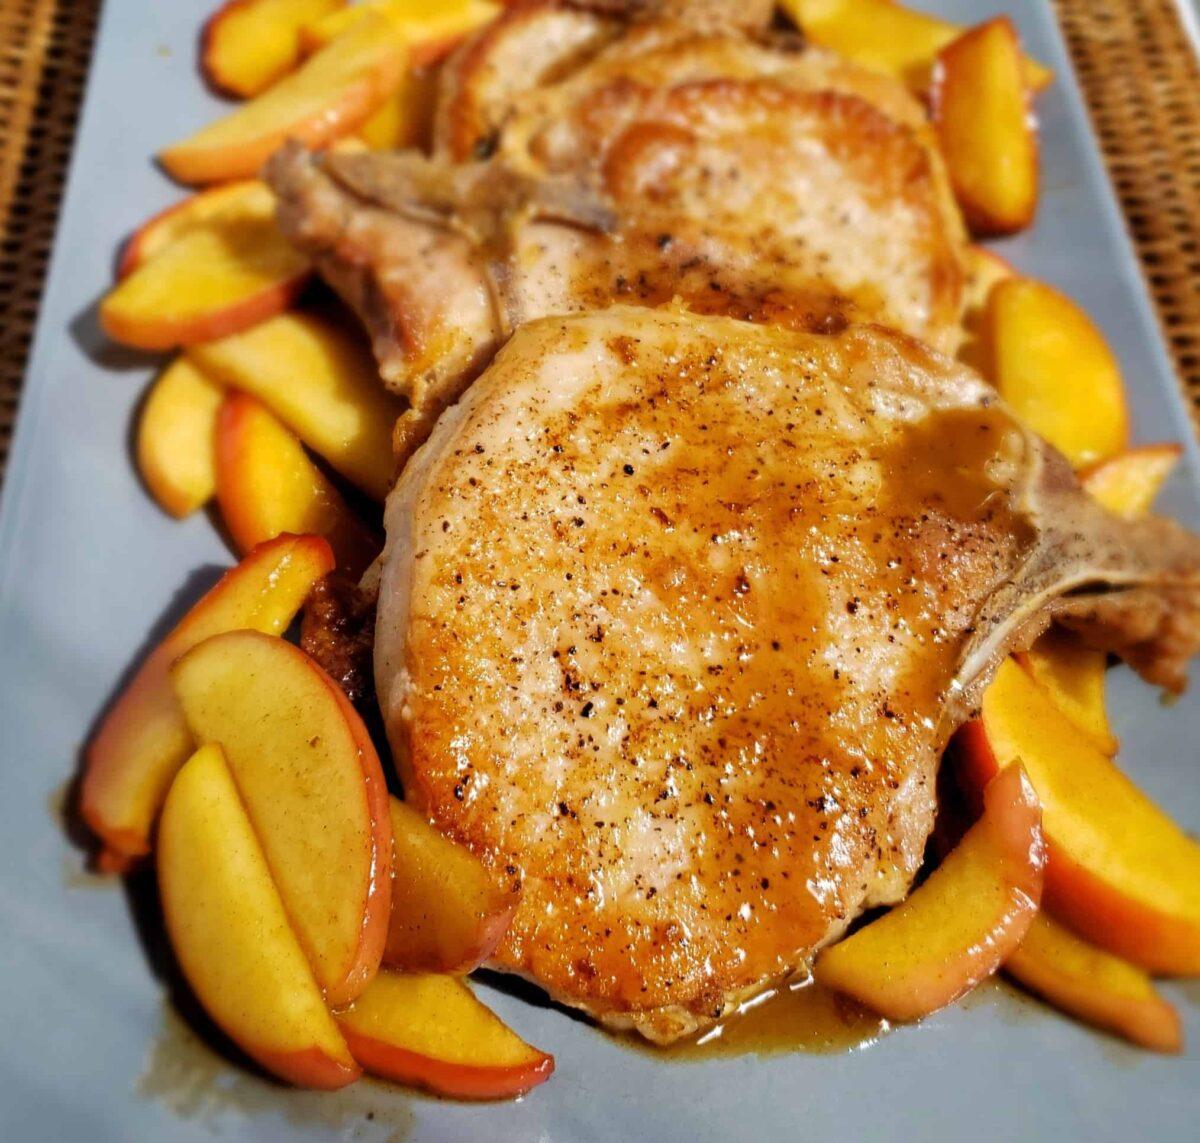 Pork Chops sauce on chop Apples on platter